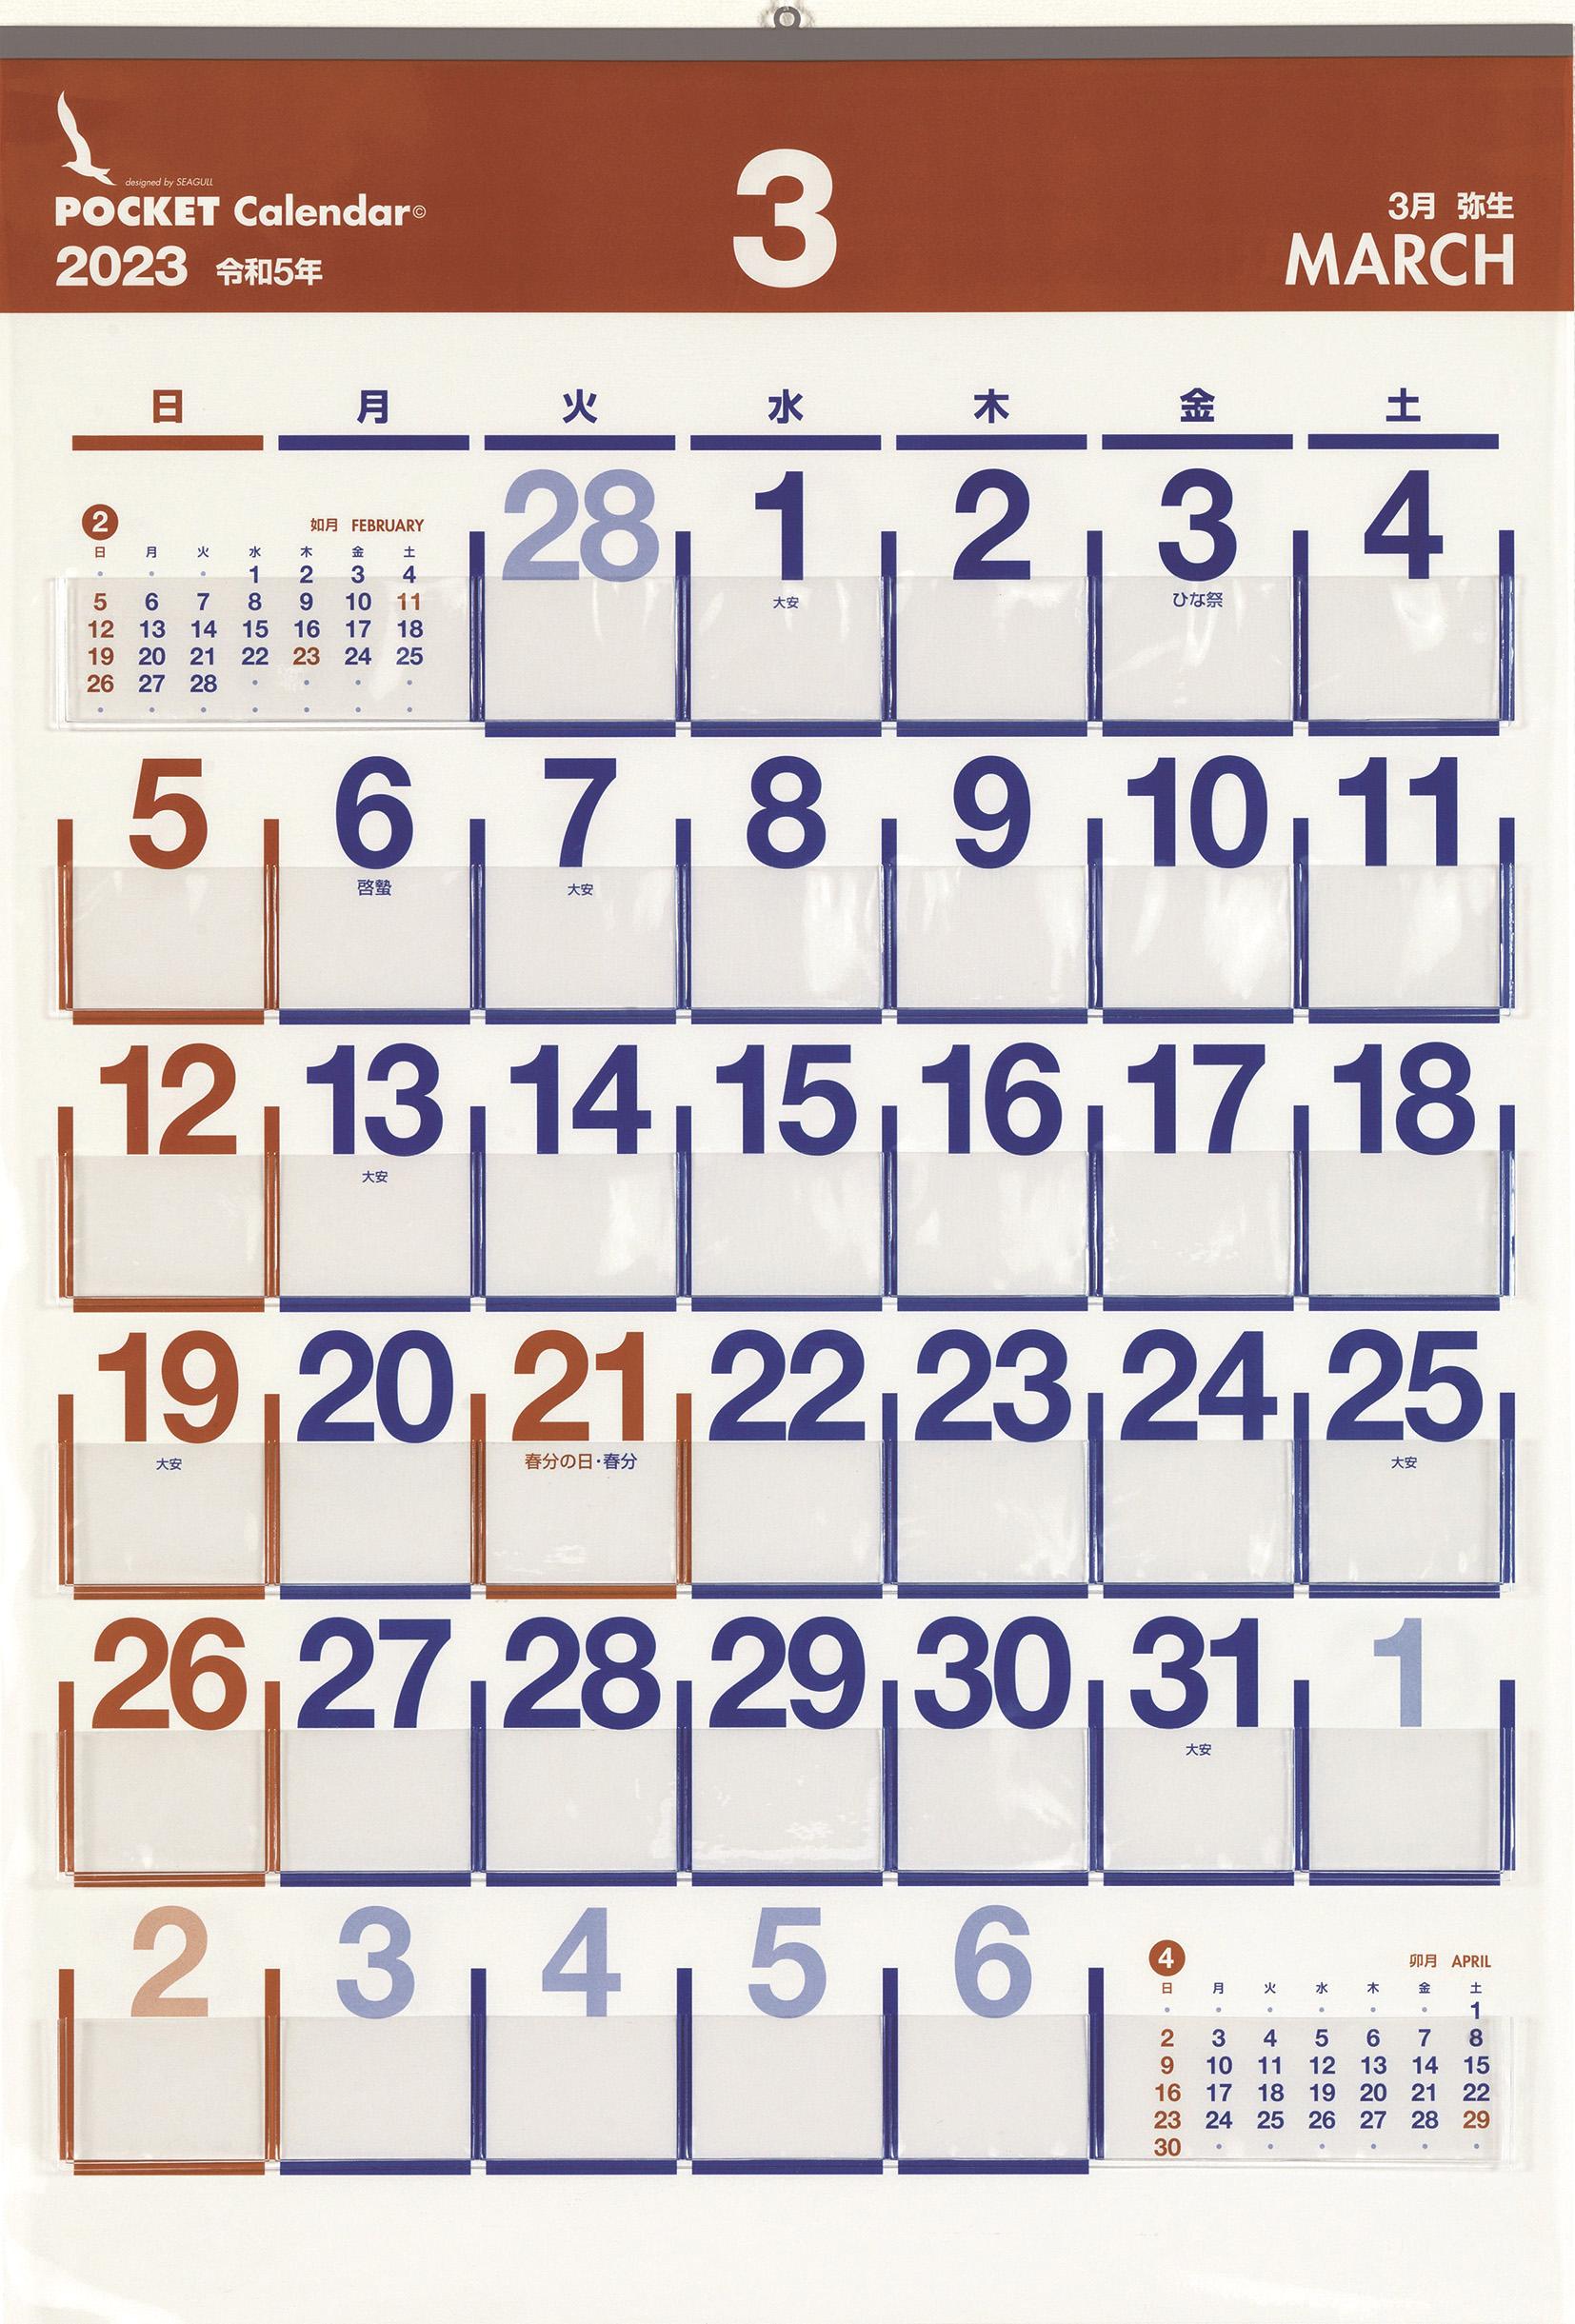 カレンダーの前部分にビニールポケットがあり絵カードを入れられます。自閉症の方への月刊スケジュールの提示に便利! ビニールポケットカレンダー(2022年度版) 自閉症 発達障害 スケジュール 視覚支援